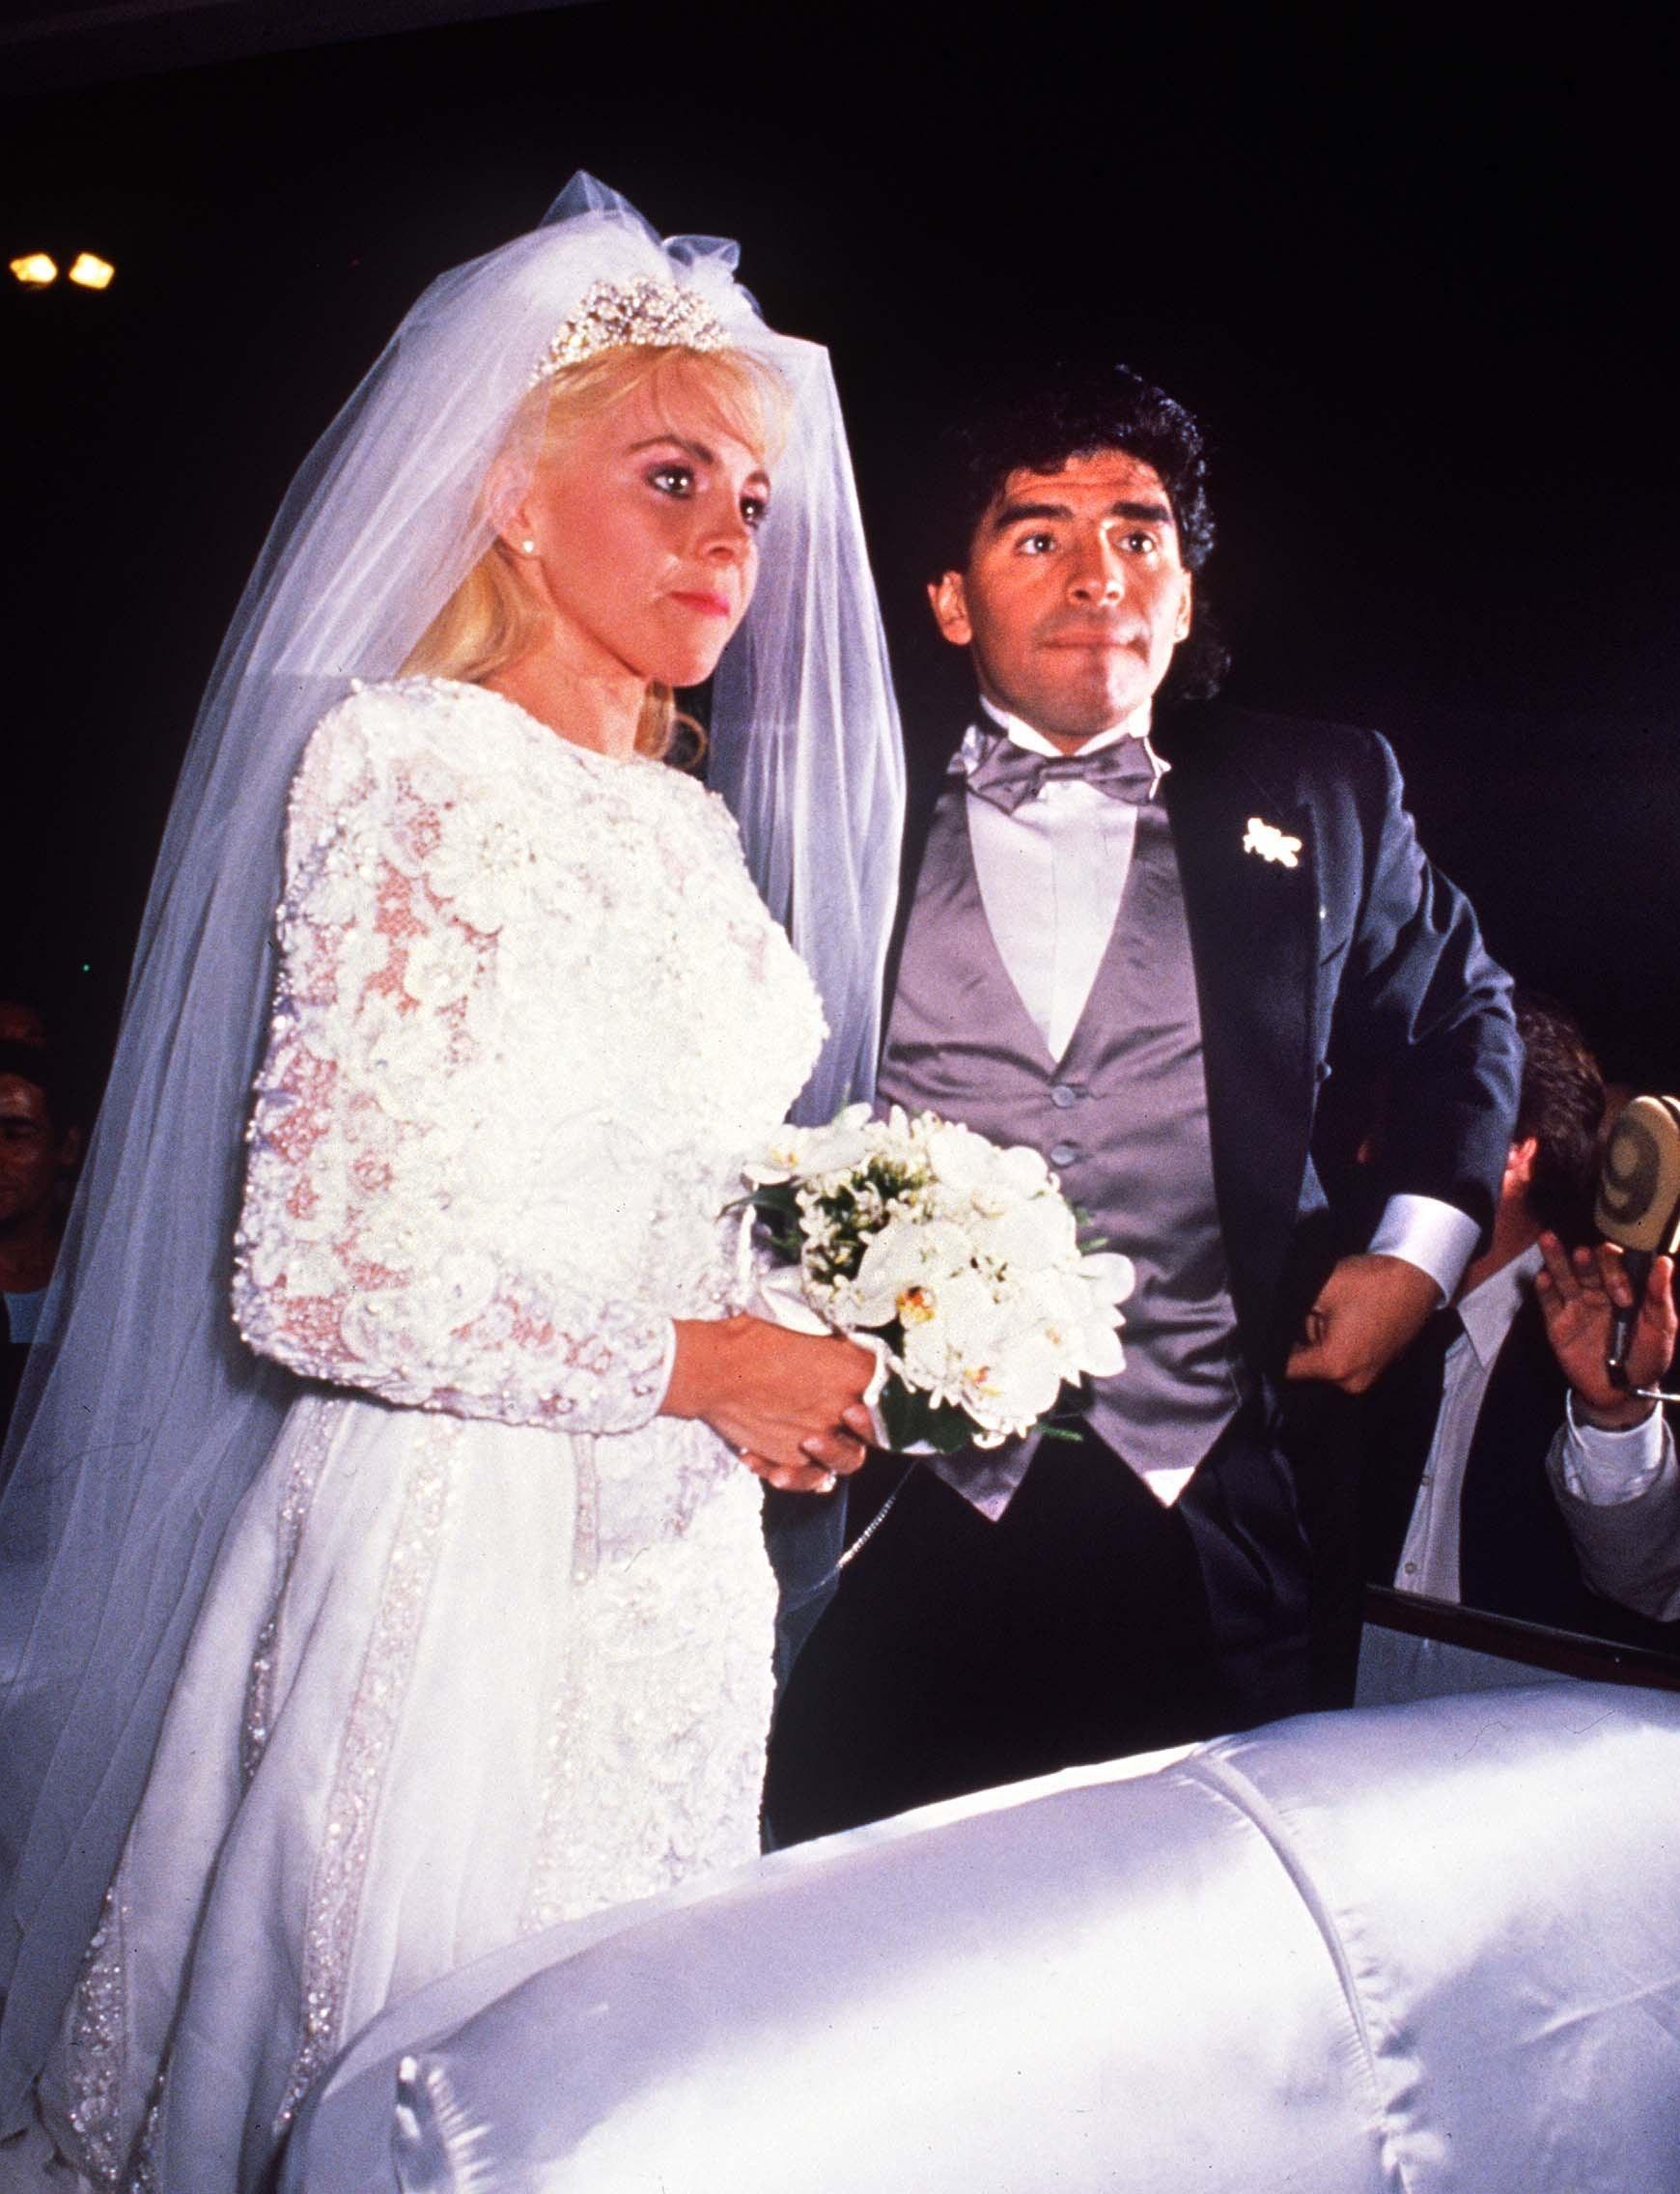 Cuộc đời Maradona qua ảnh: Đầy vinh quang nhưng cũng lắm tranh cãi - Ảnh 14.